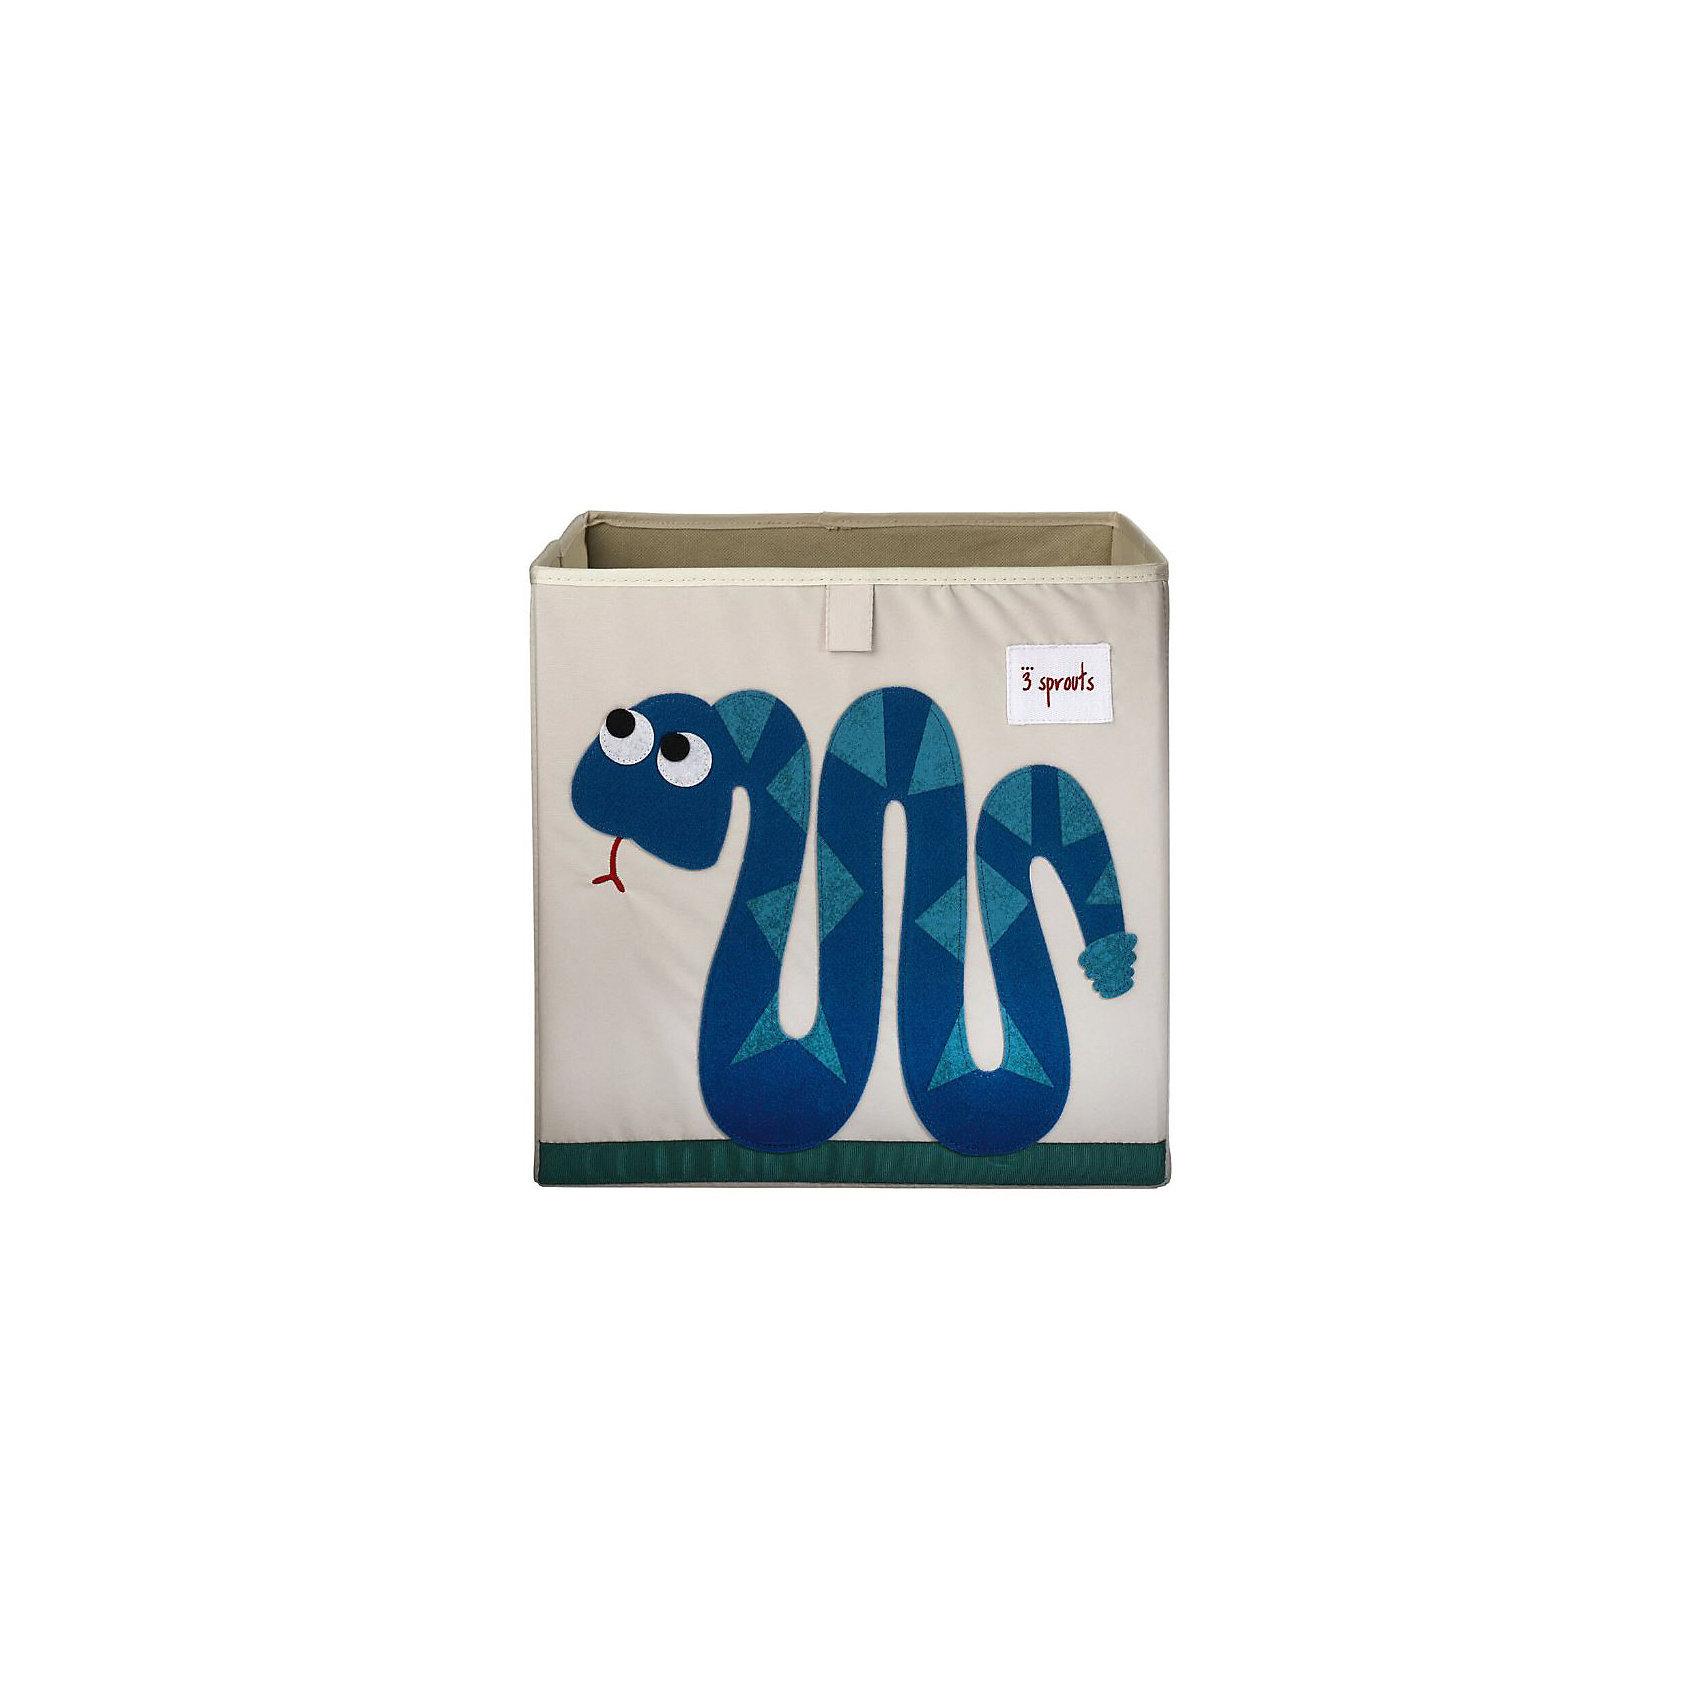 Коробка для хранения Змейка (Blue Snake), 3 SproutsПорядок в детской<br>Красивая коробка - это не только место для хранения вещей, но и прекрасный декор любой комнаты.<br><br>Дополнительная информация:<br><br>- Размер: 33x33x33 см.<br>- Материал: полиэстер.<br>- Орнамент: Змейка.<br><br>Купить коробку для хранения Змейка (Blue Snake), можно в нашем магазине.<br><br>Ширина мм: 330<br>Глубина мм: 20<br>Высота мм: 330<br>Вес г: 830<br>Возраст от месяцев: 6<br>Возраст до месяцев: 84<br>Пол: Унисекс<br>Возраст: Детский<br>SKU: 5098227